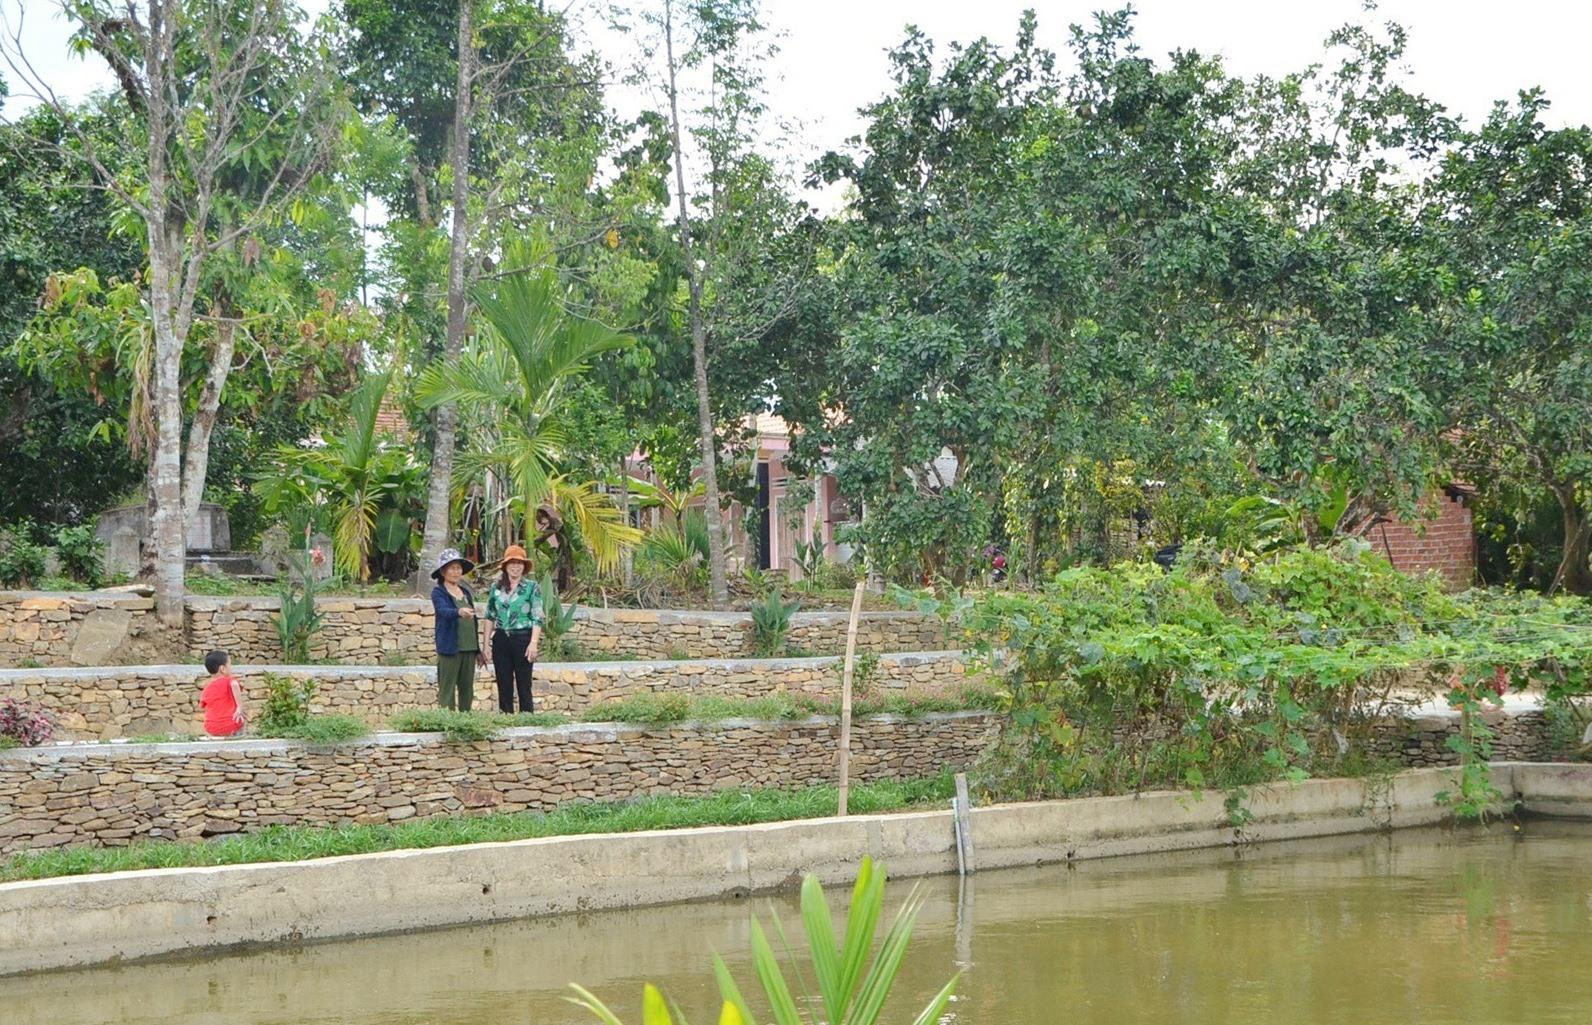 Xây dựng Tiên Phước thành huyện điểm về phát triển kinh tế vườn, kinh tế trang trại, du lịch sinh thái